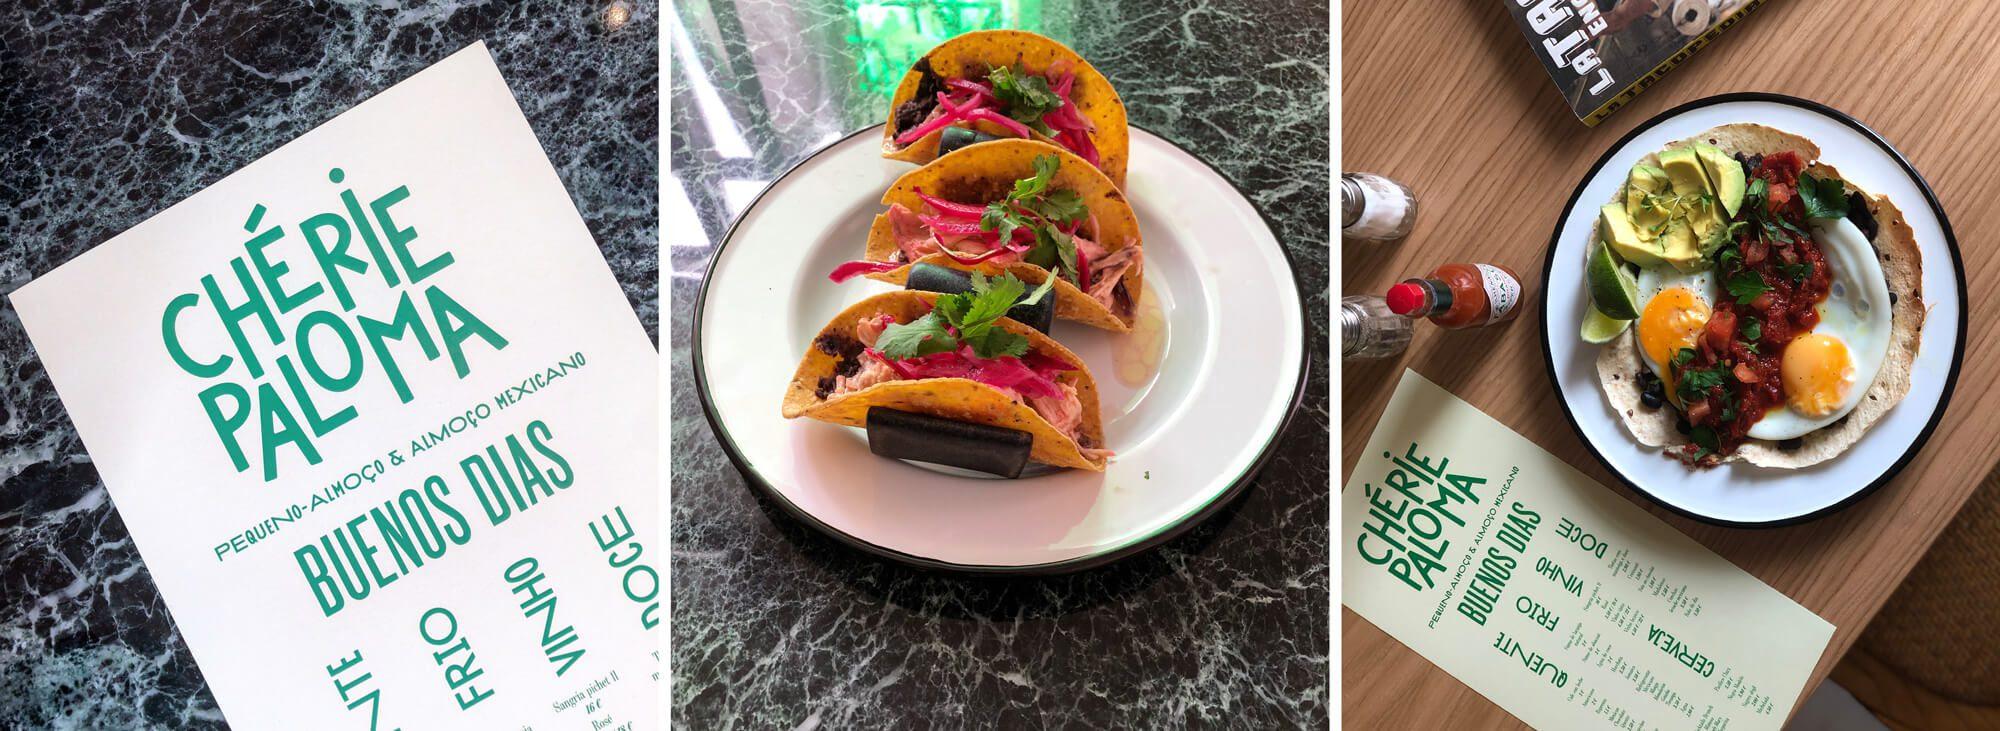 trois images du menu dessiné par ichetkar et des plats du resto Mexicain Chérie Paloma